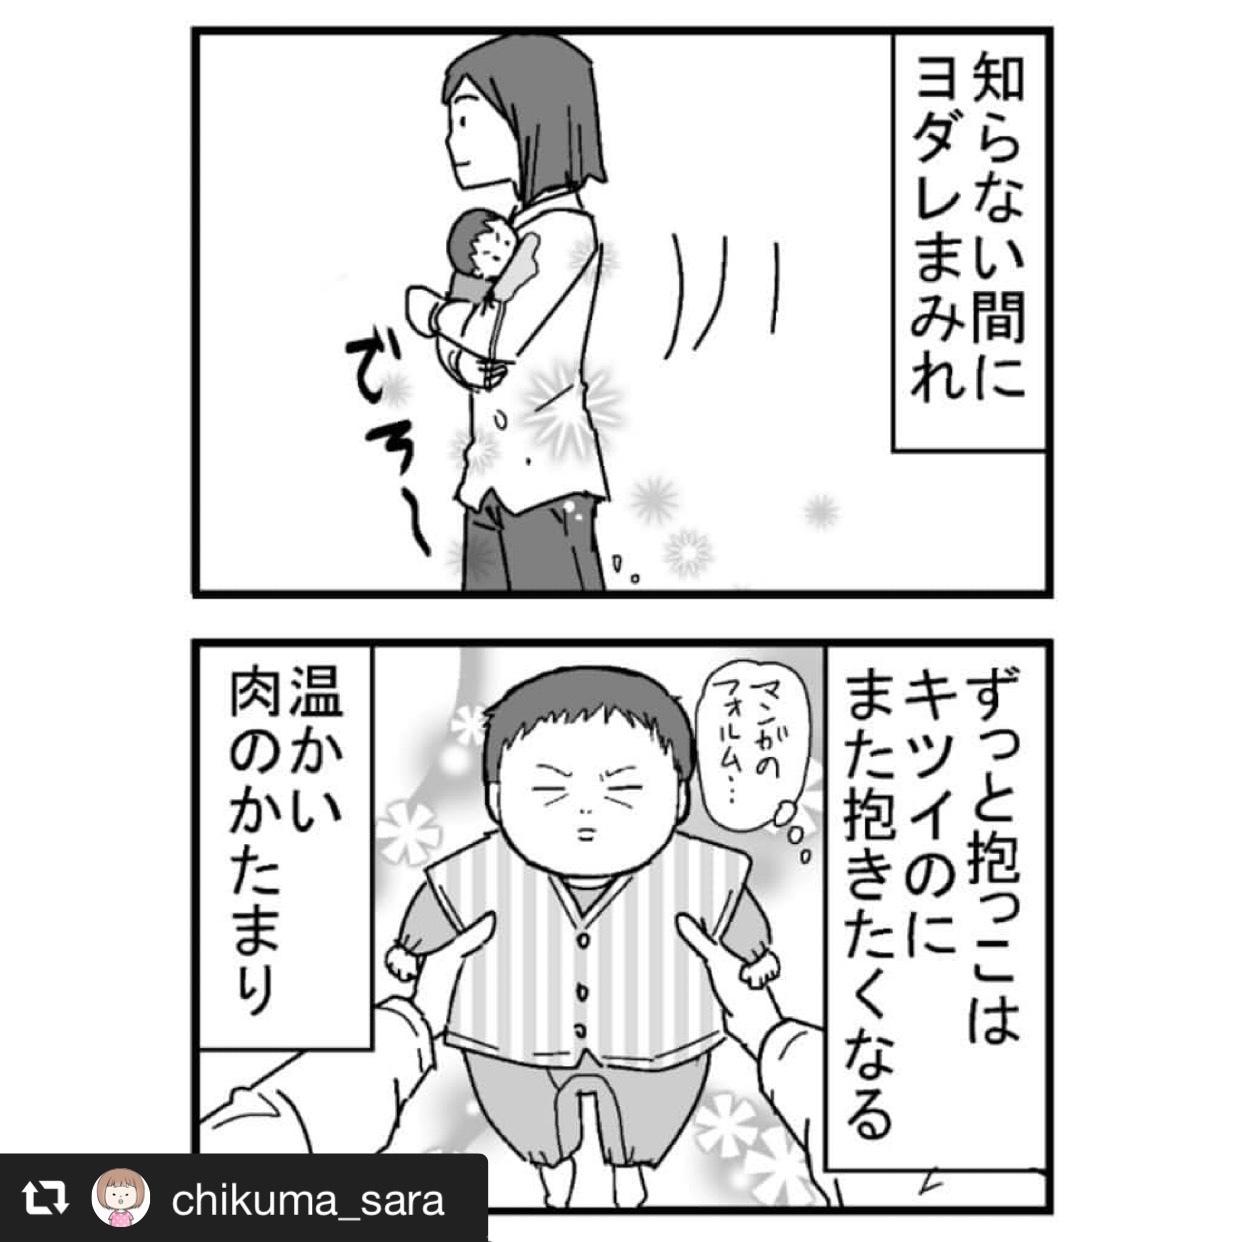 パパママ共感必至!「赤ちゃん抱っこあるある」 画像2